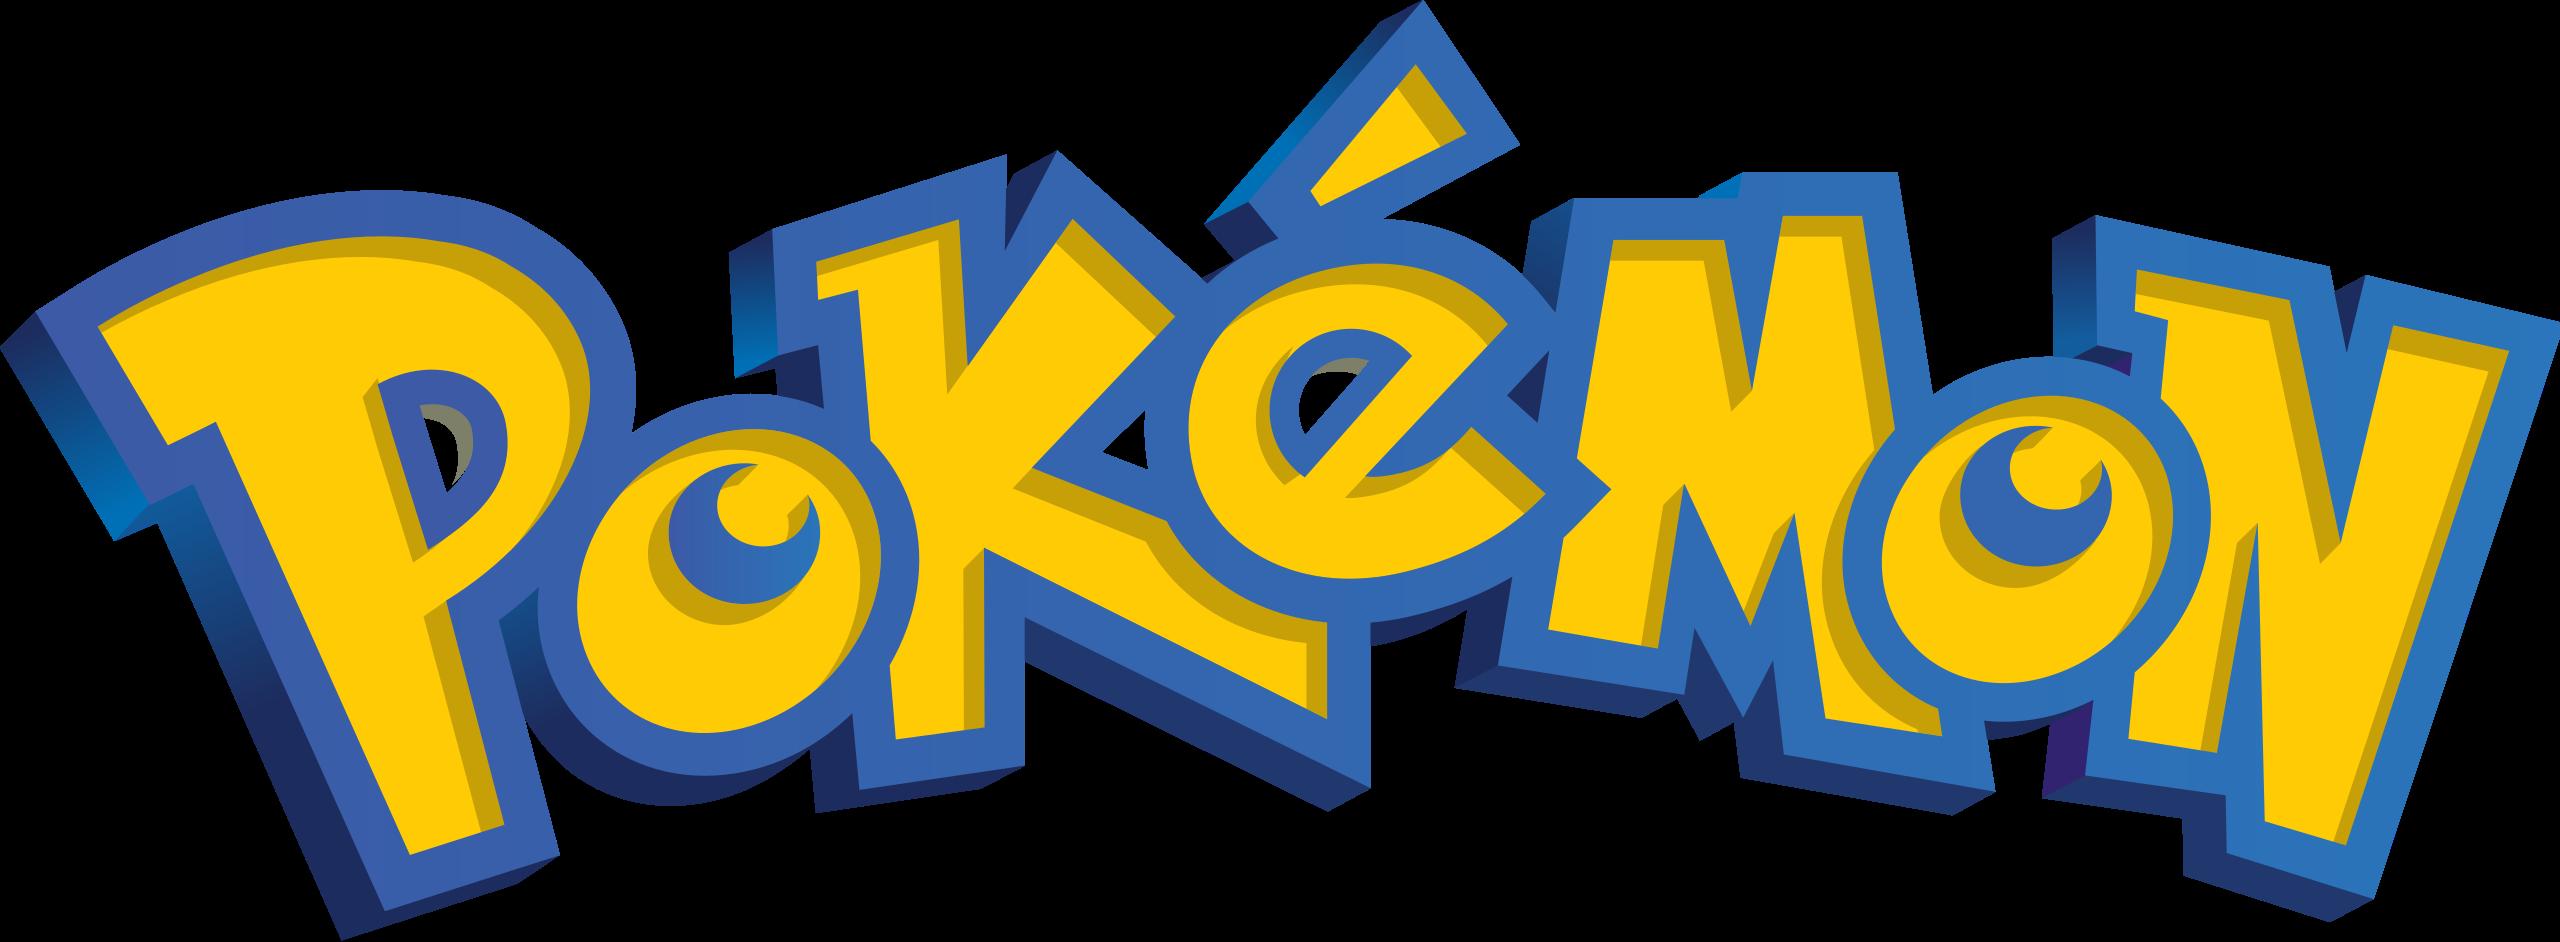 File:PokémonLogo(Eng).png